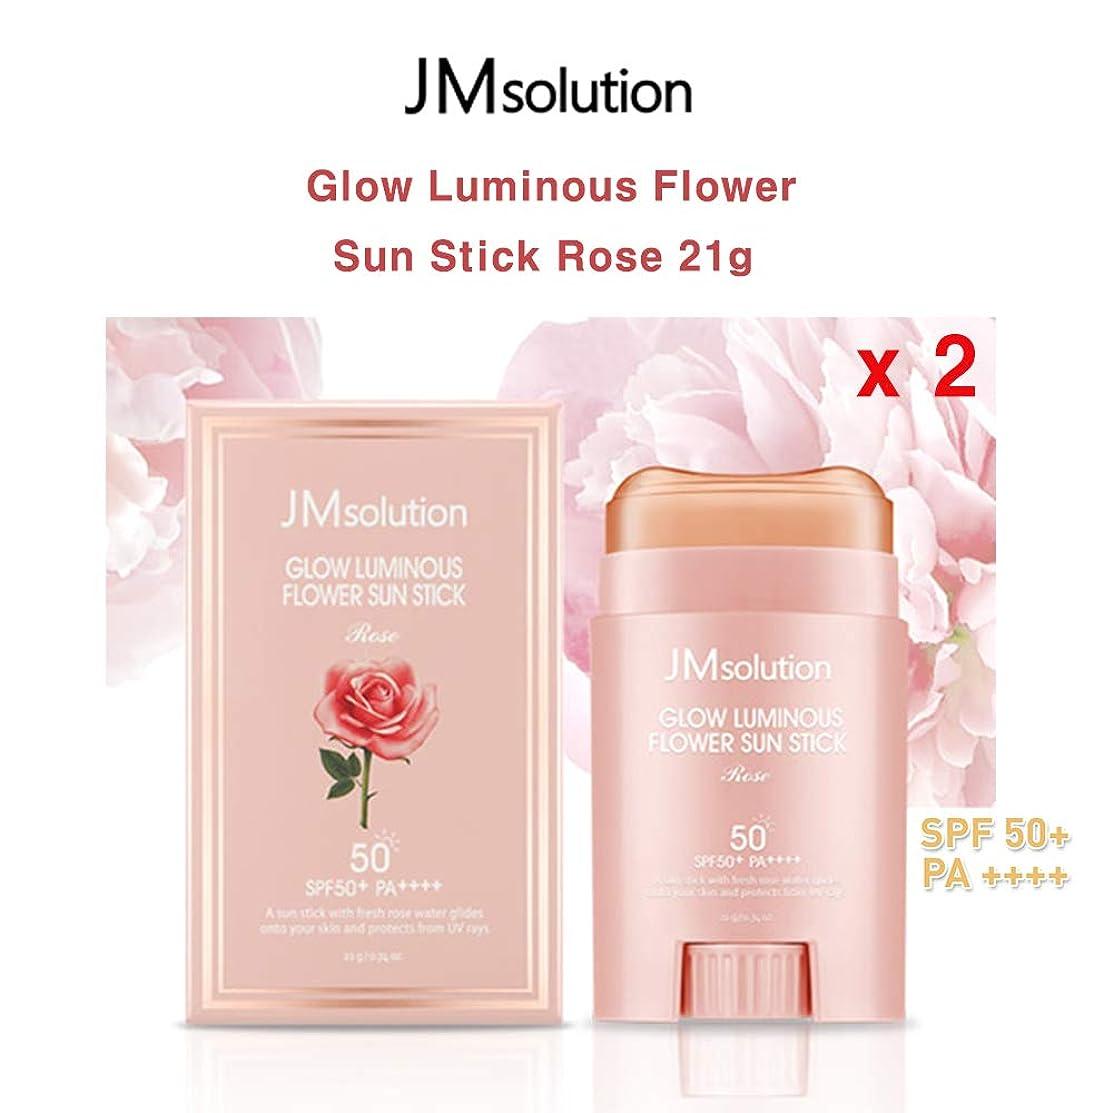 煙煙来てJM Solution ★1+1★ Glow Luminous Flower Sun Stick Rose 21g (spf50 PA) 光る輝く花Sun Stick Rose